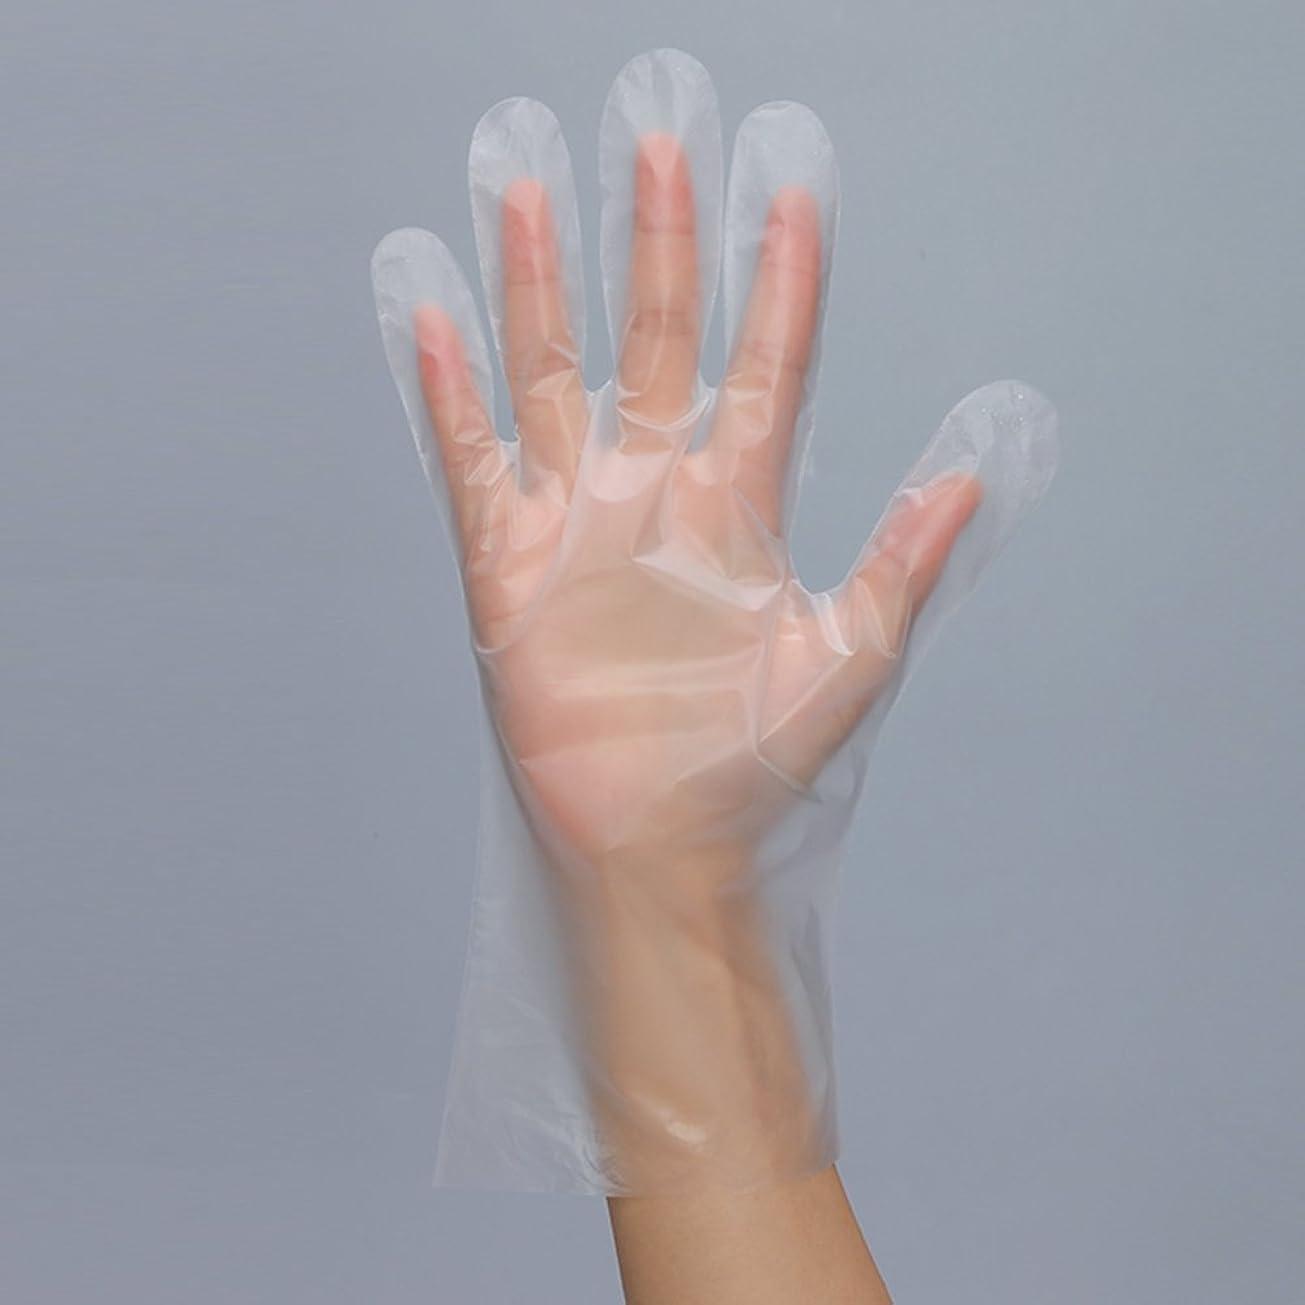 飢え予見する感性使い捨て手袋 透明 食事 キッチン 調理 美容用 衛生 20/100枚入  (100枚入(薄型))